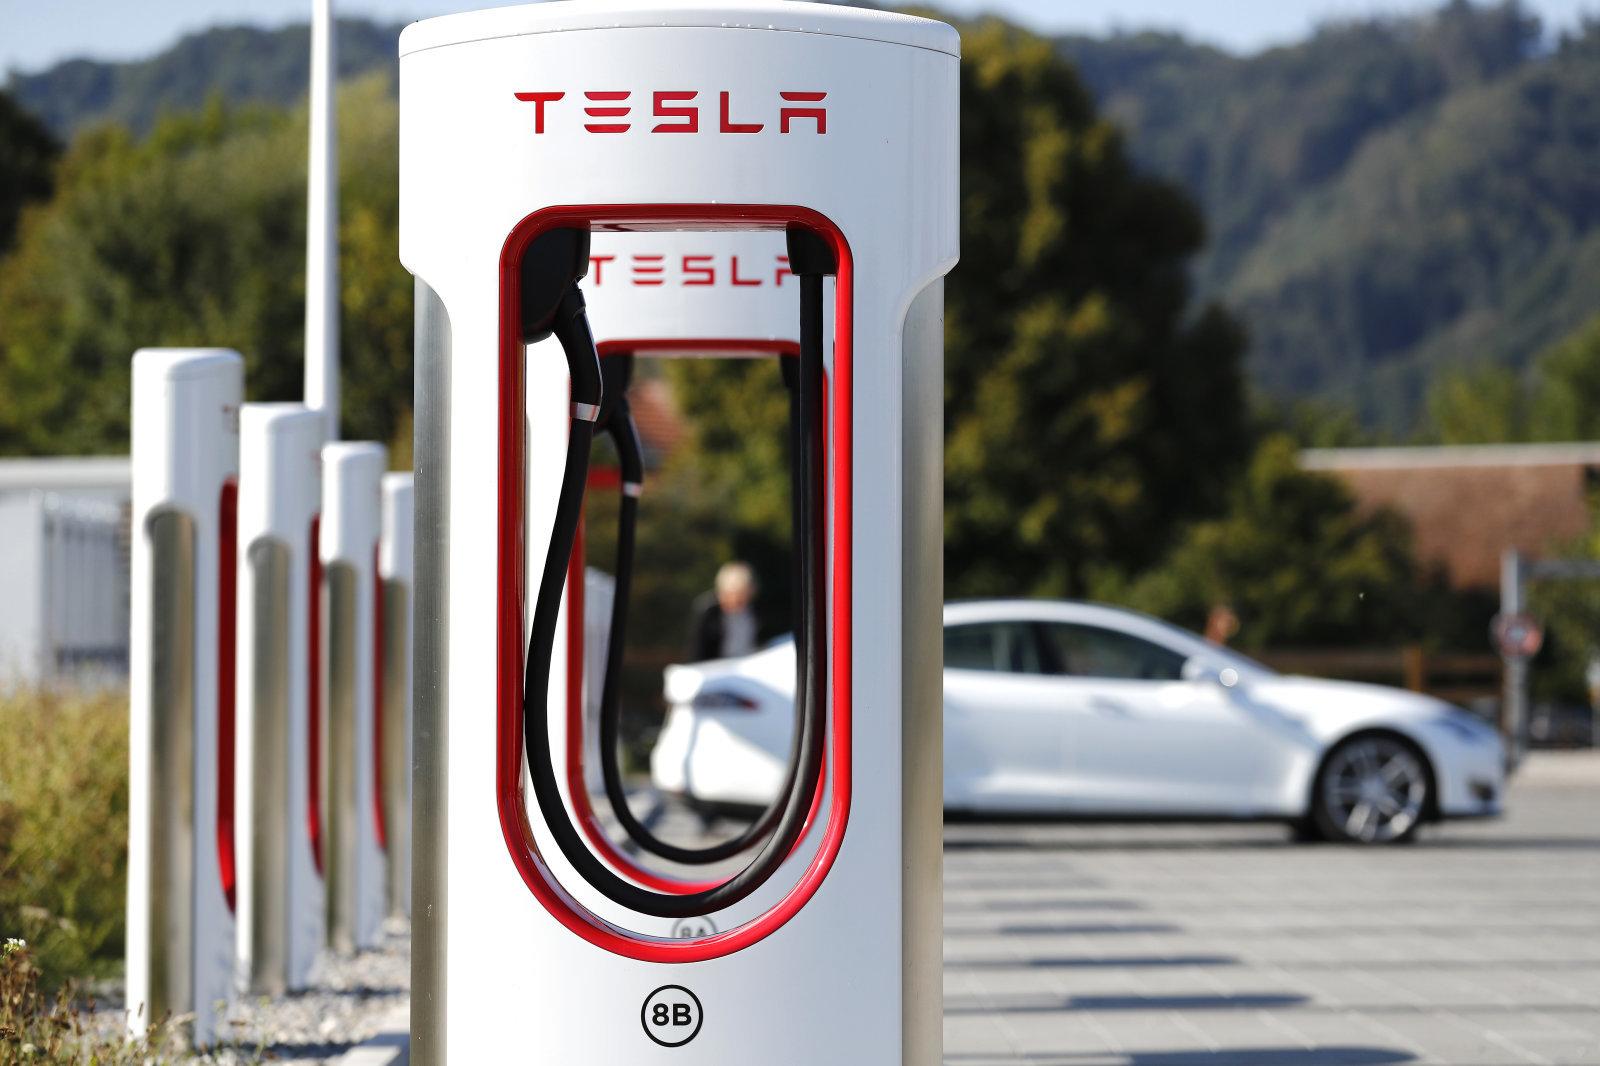 tesla_supercharger | Илон Маск - Факты, деятельность, прогнозы